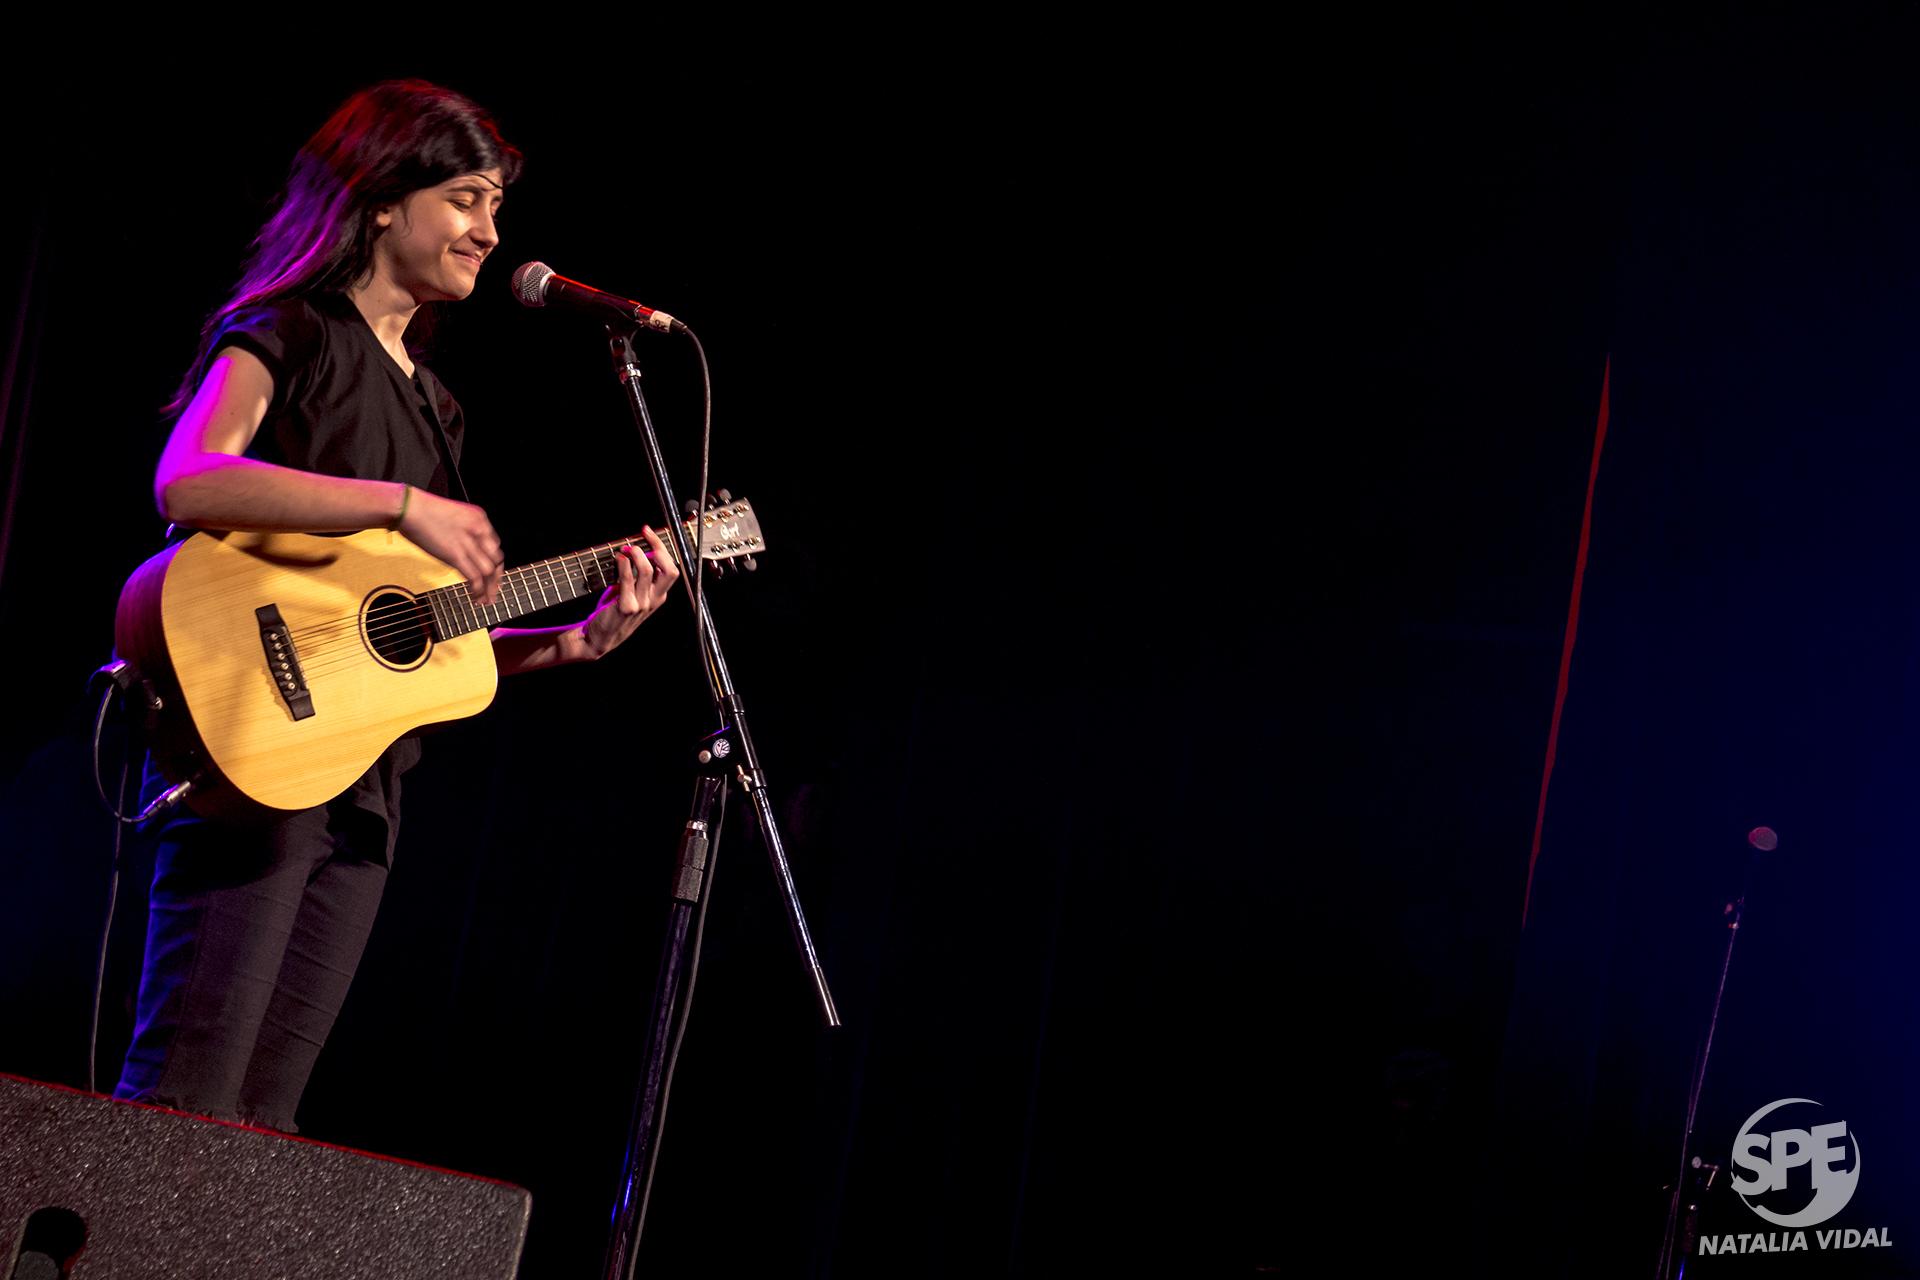 Rosario-Blefari-Festi-Mercurio-Teatro-Xirgu-30-06-18-Natalia-Vidal-Solo-Para-Entendidos_709.jpg